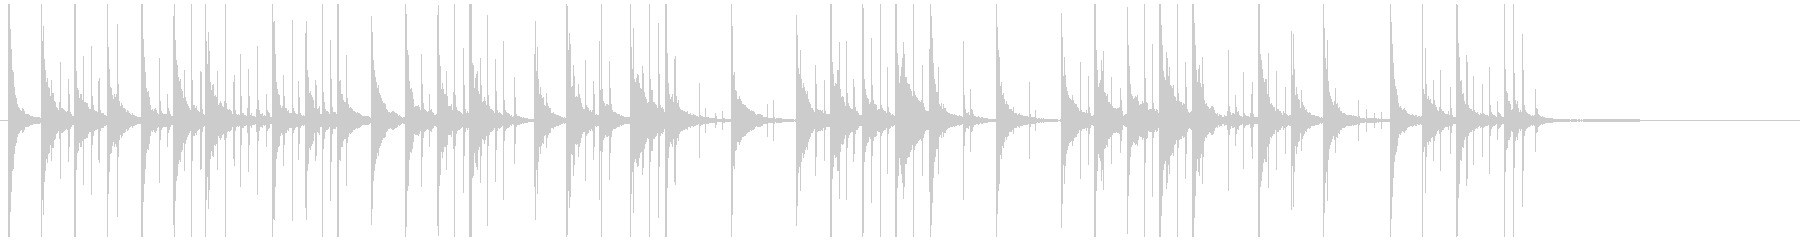 コミカルジングル パソコン関連ほのぼのの未再生の波形